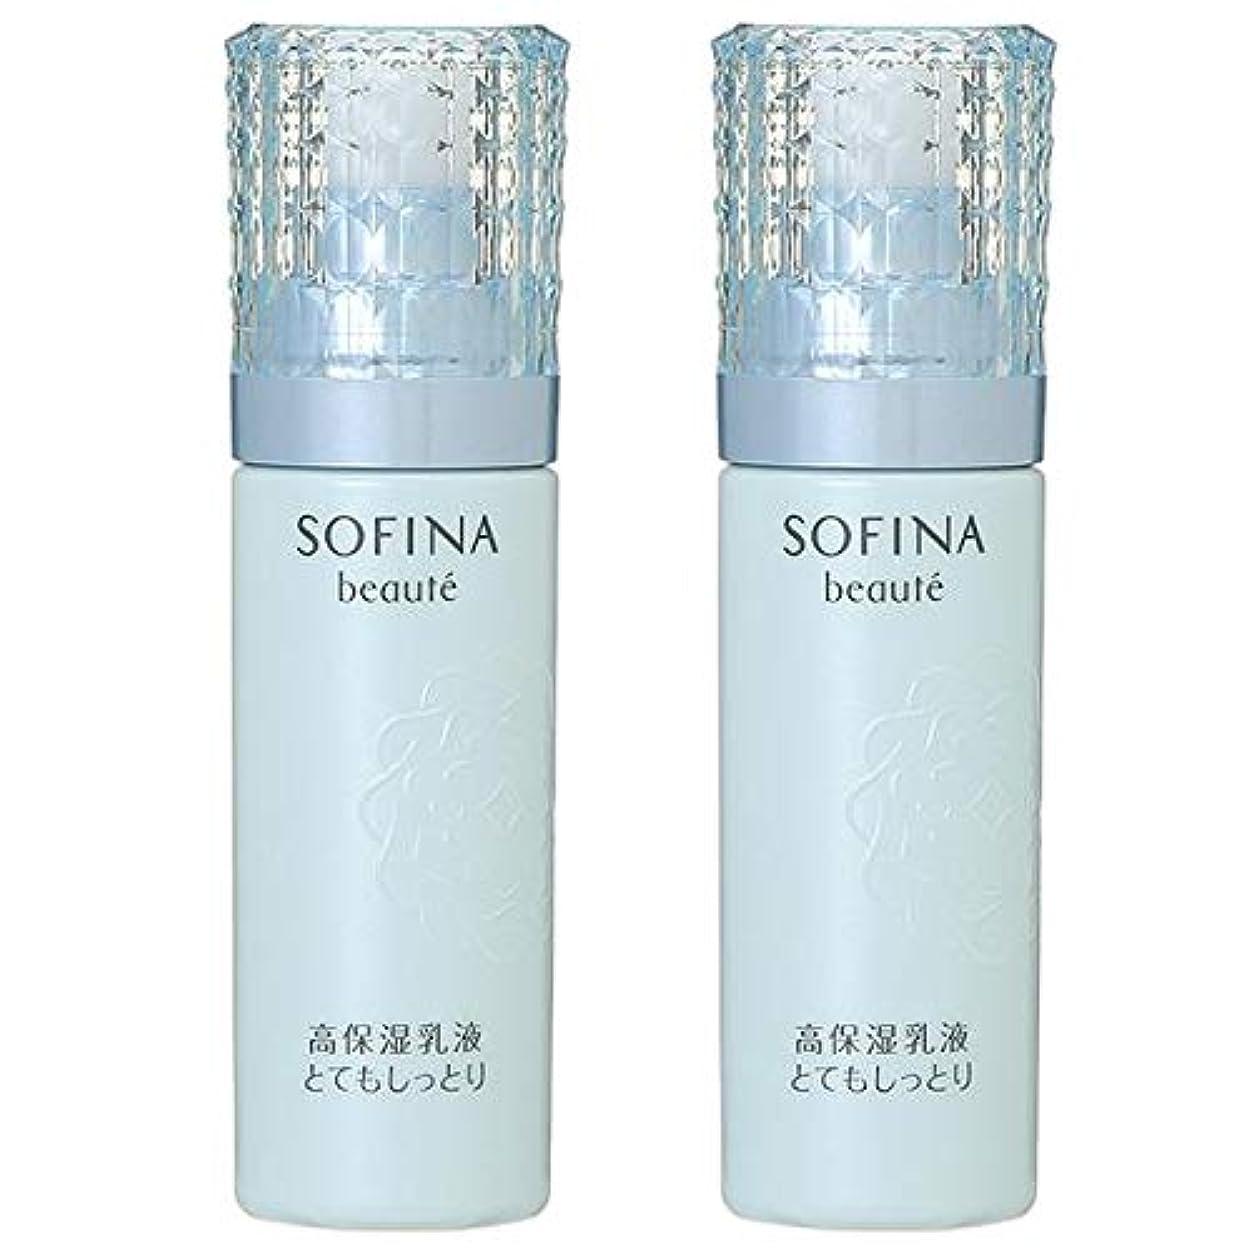 通りひもグラフ【セット】花王 ソフィーナ ボーテ SOFINA 高保湿乳液 とてもしっとり 60g 2個セット 【医薬部外品】